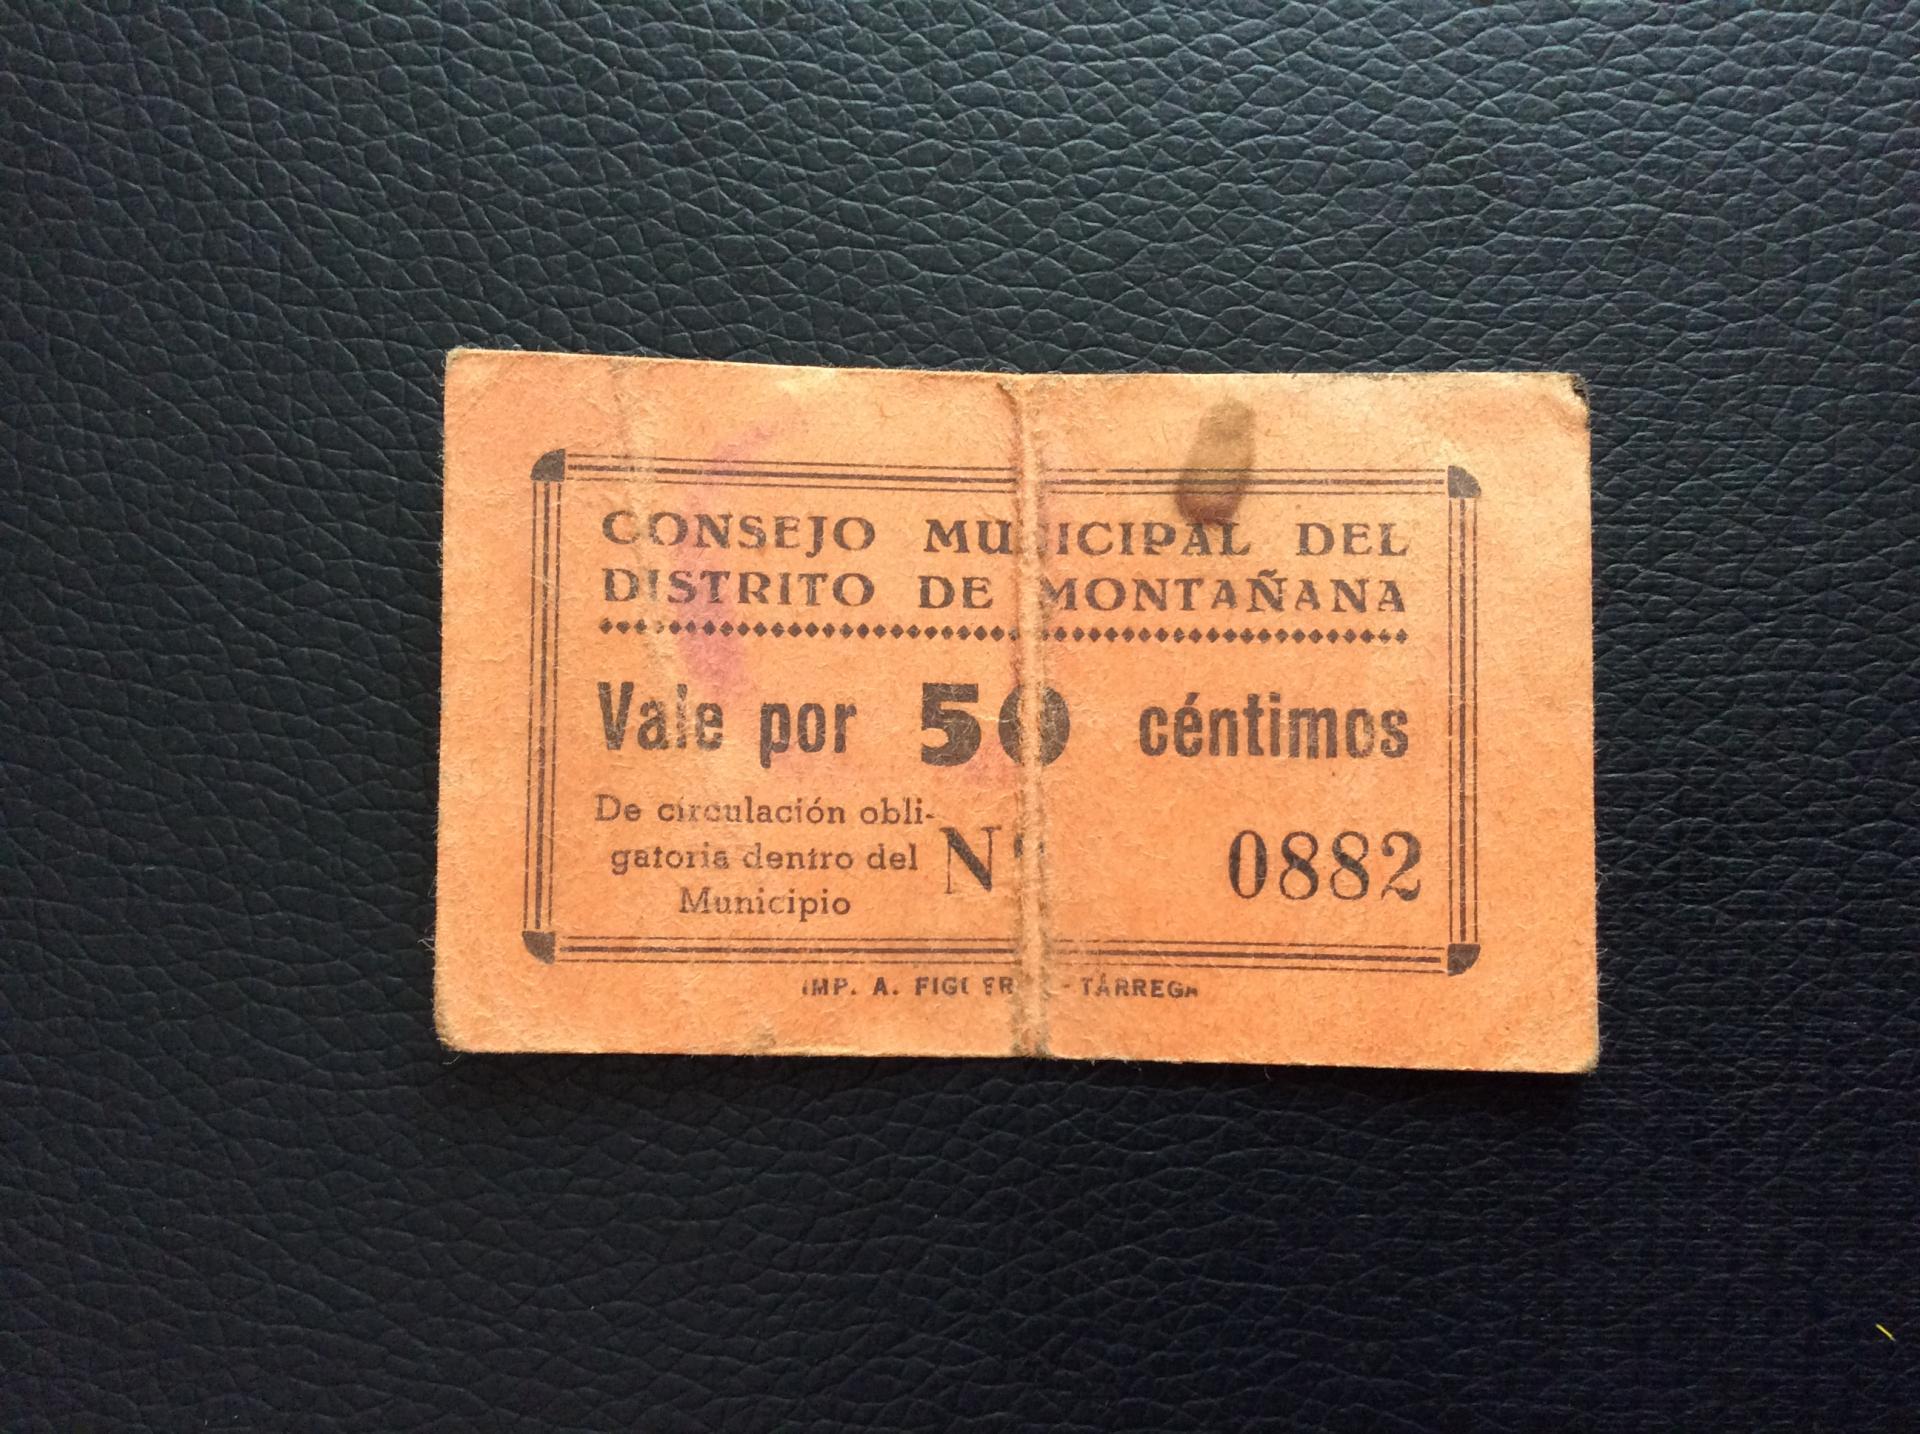 50 CÉNTIMOS CONSEJO MUNICIPAL DEL DISTRITO DE MONTAÑANA - HUESCA - RARO Y MUY ESCASO